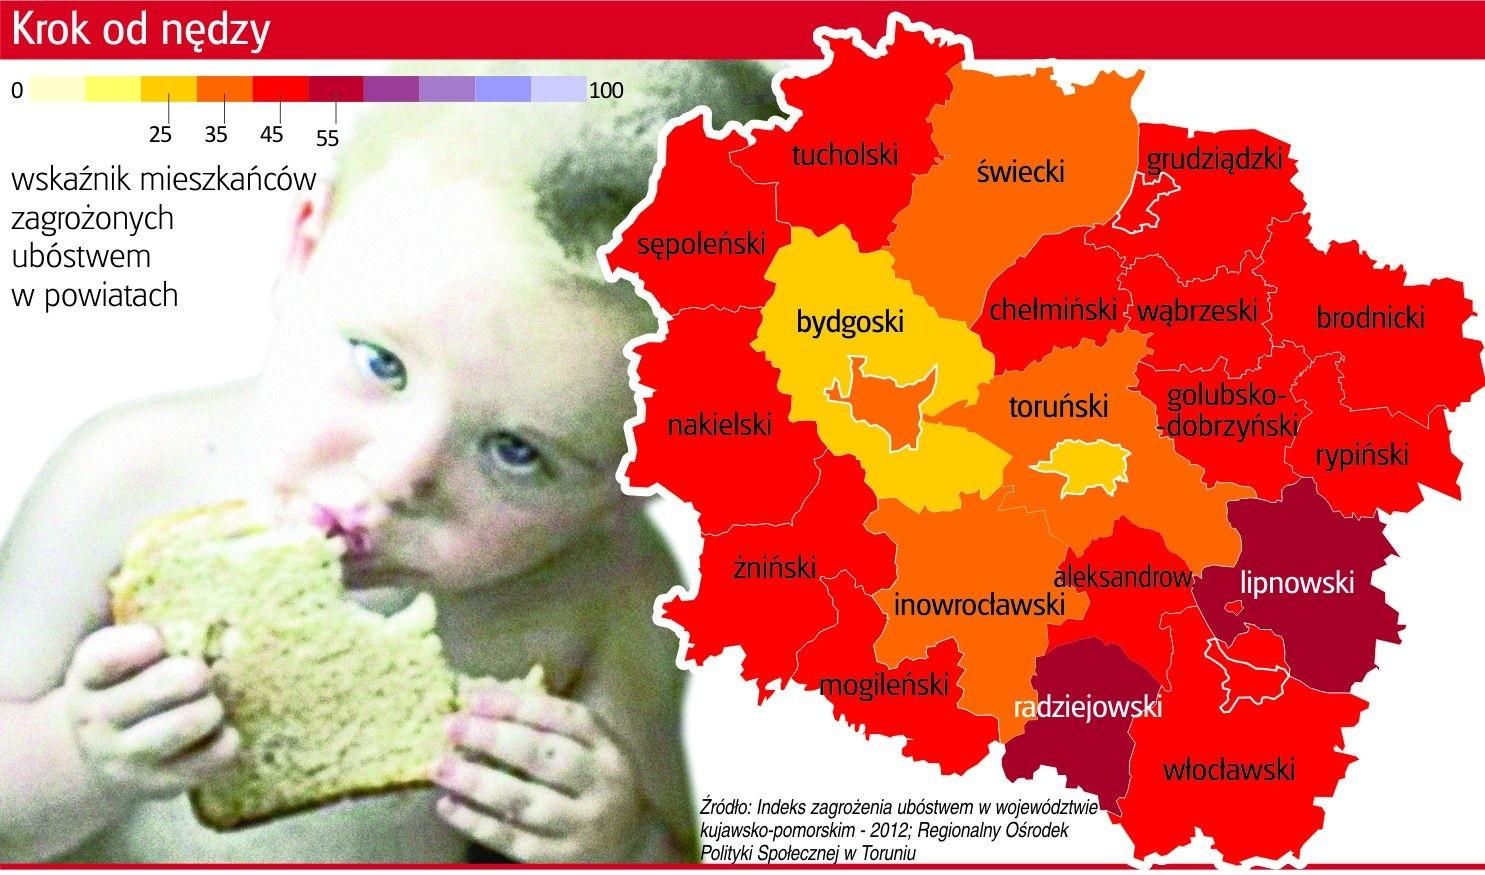 Specjaliści z Regionalnego Ośrodka Polityki Społecznej w Toruniu opracowali w zeszłym roku raport o zagrożeniu ubóstwem w regionie.